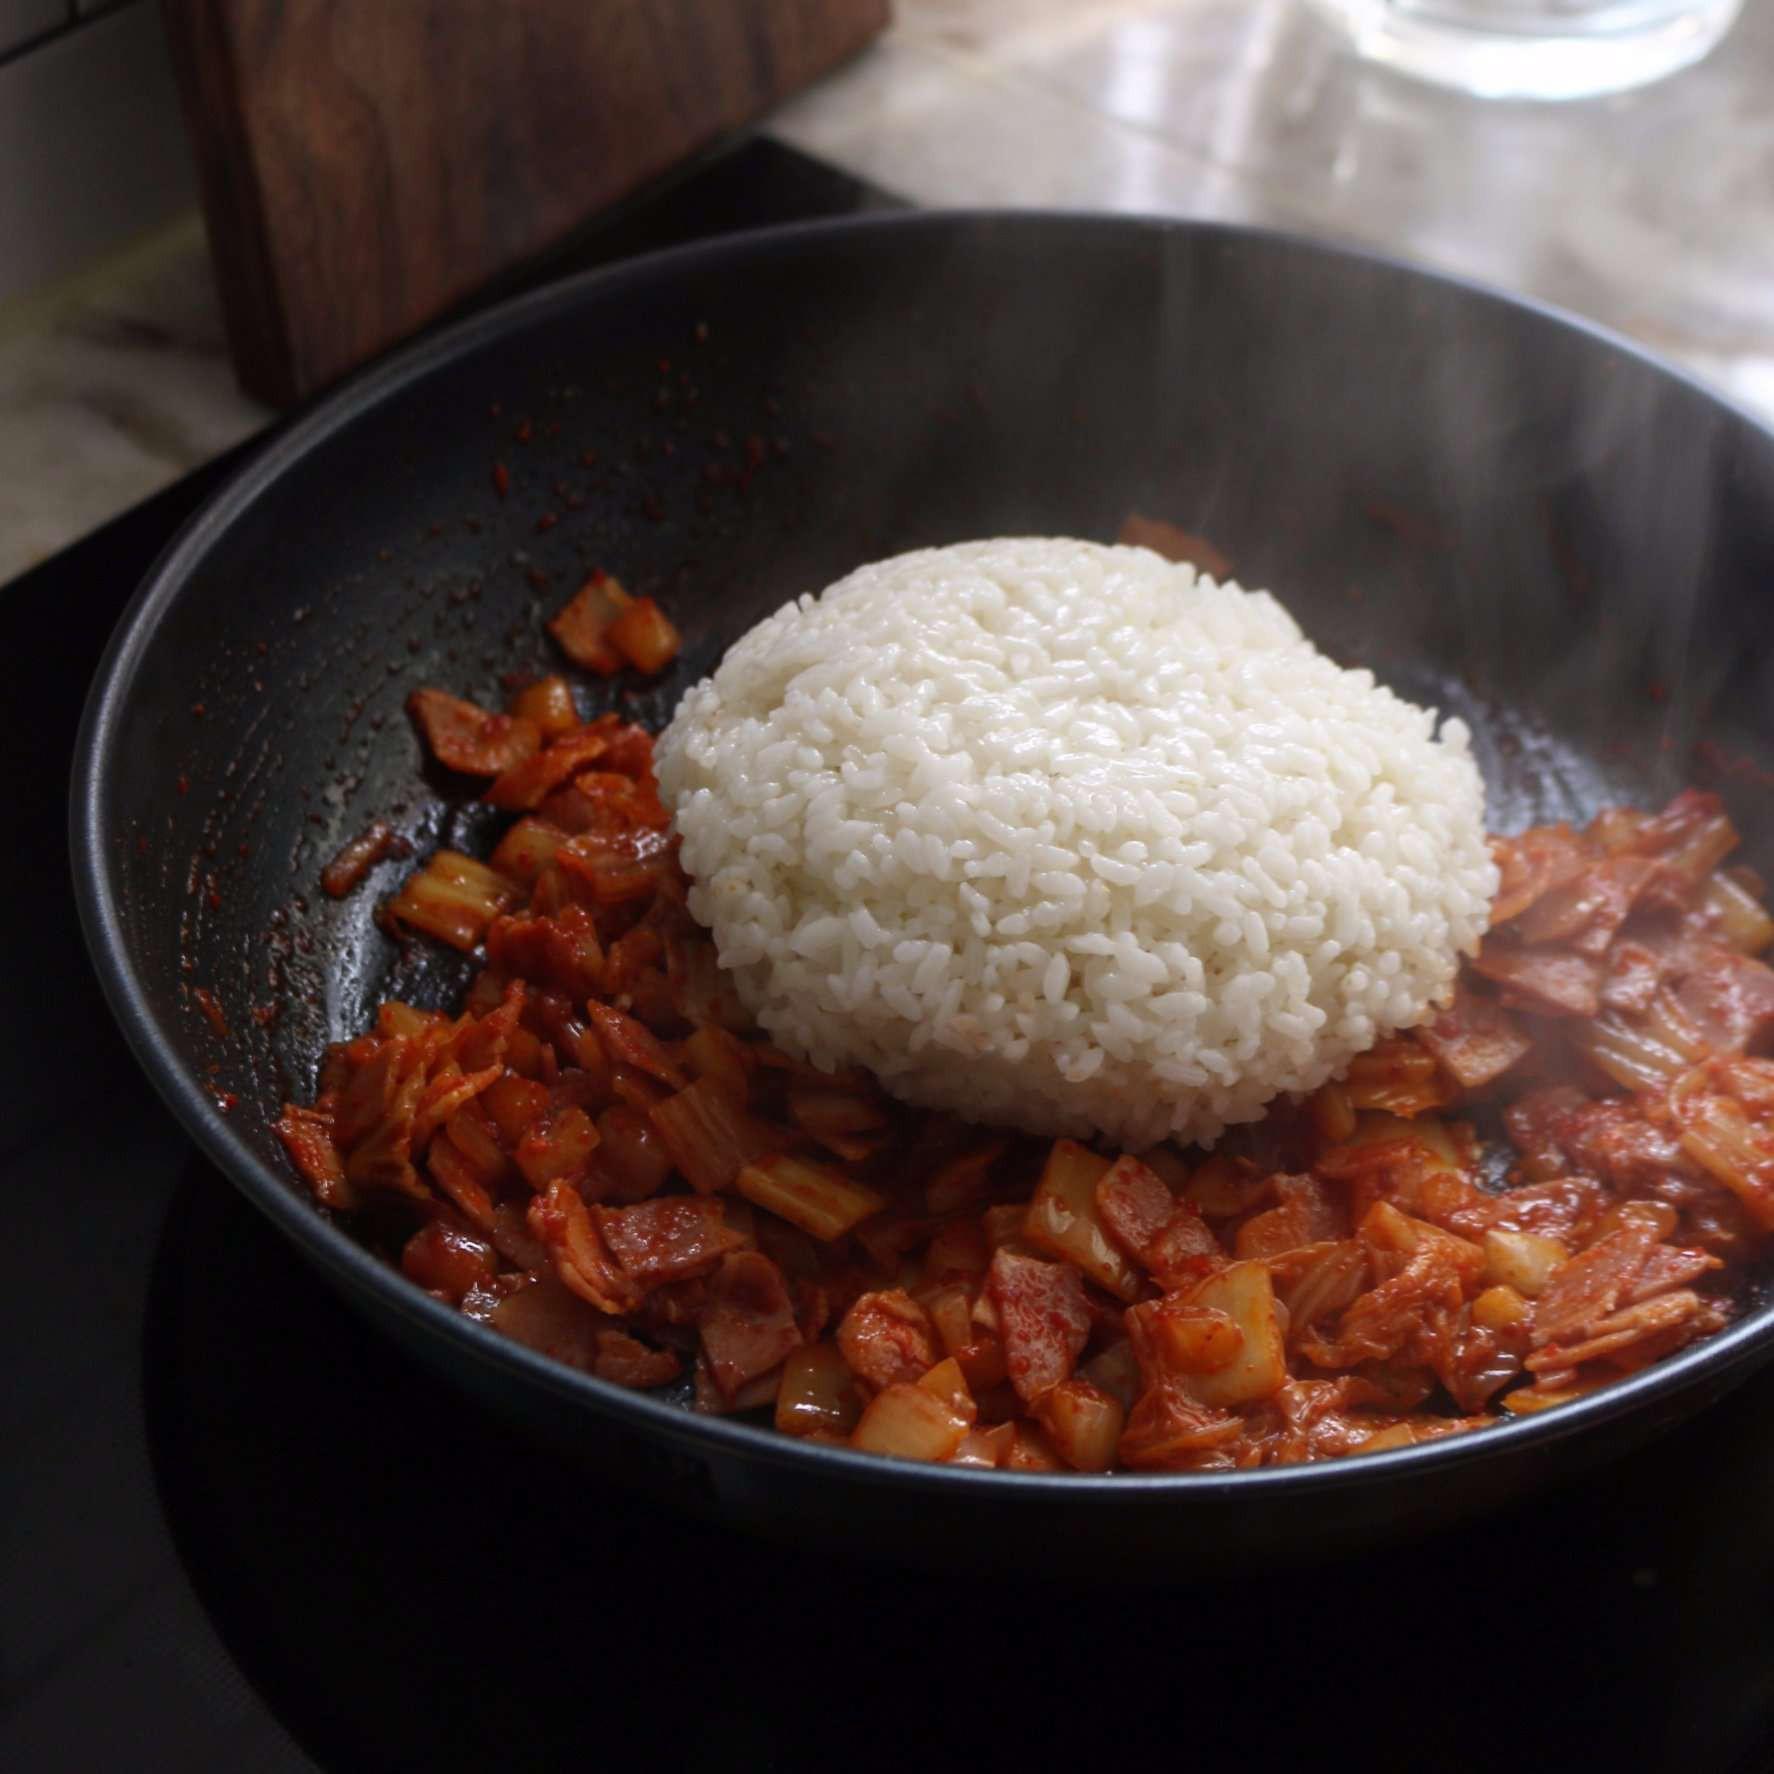 Chỉ 30 phút có ngay bát cơm chiên kim chi nóng hổi, đủ chất cho bữa trưa - Ảnh 3